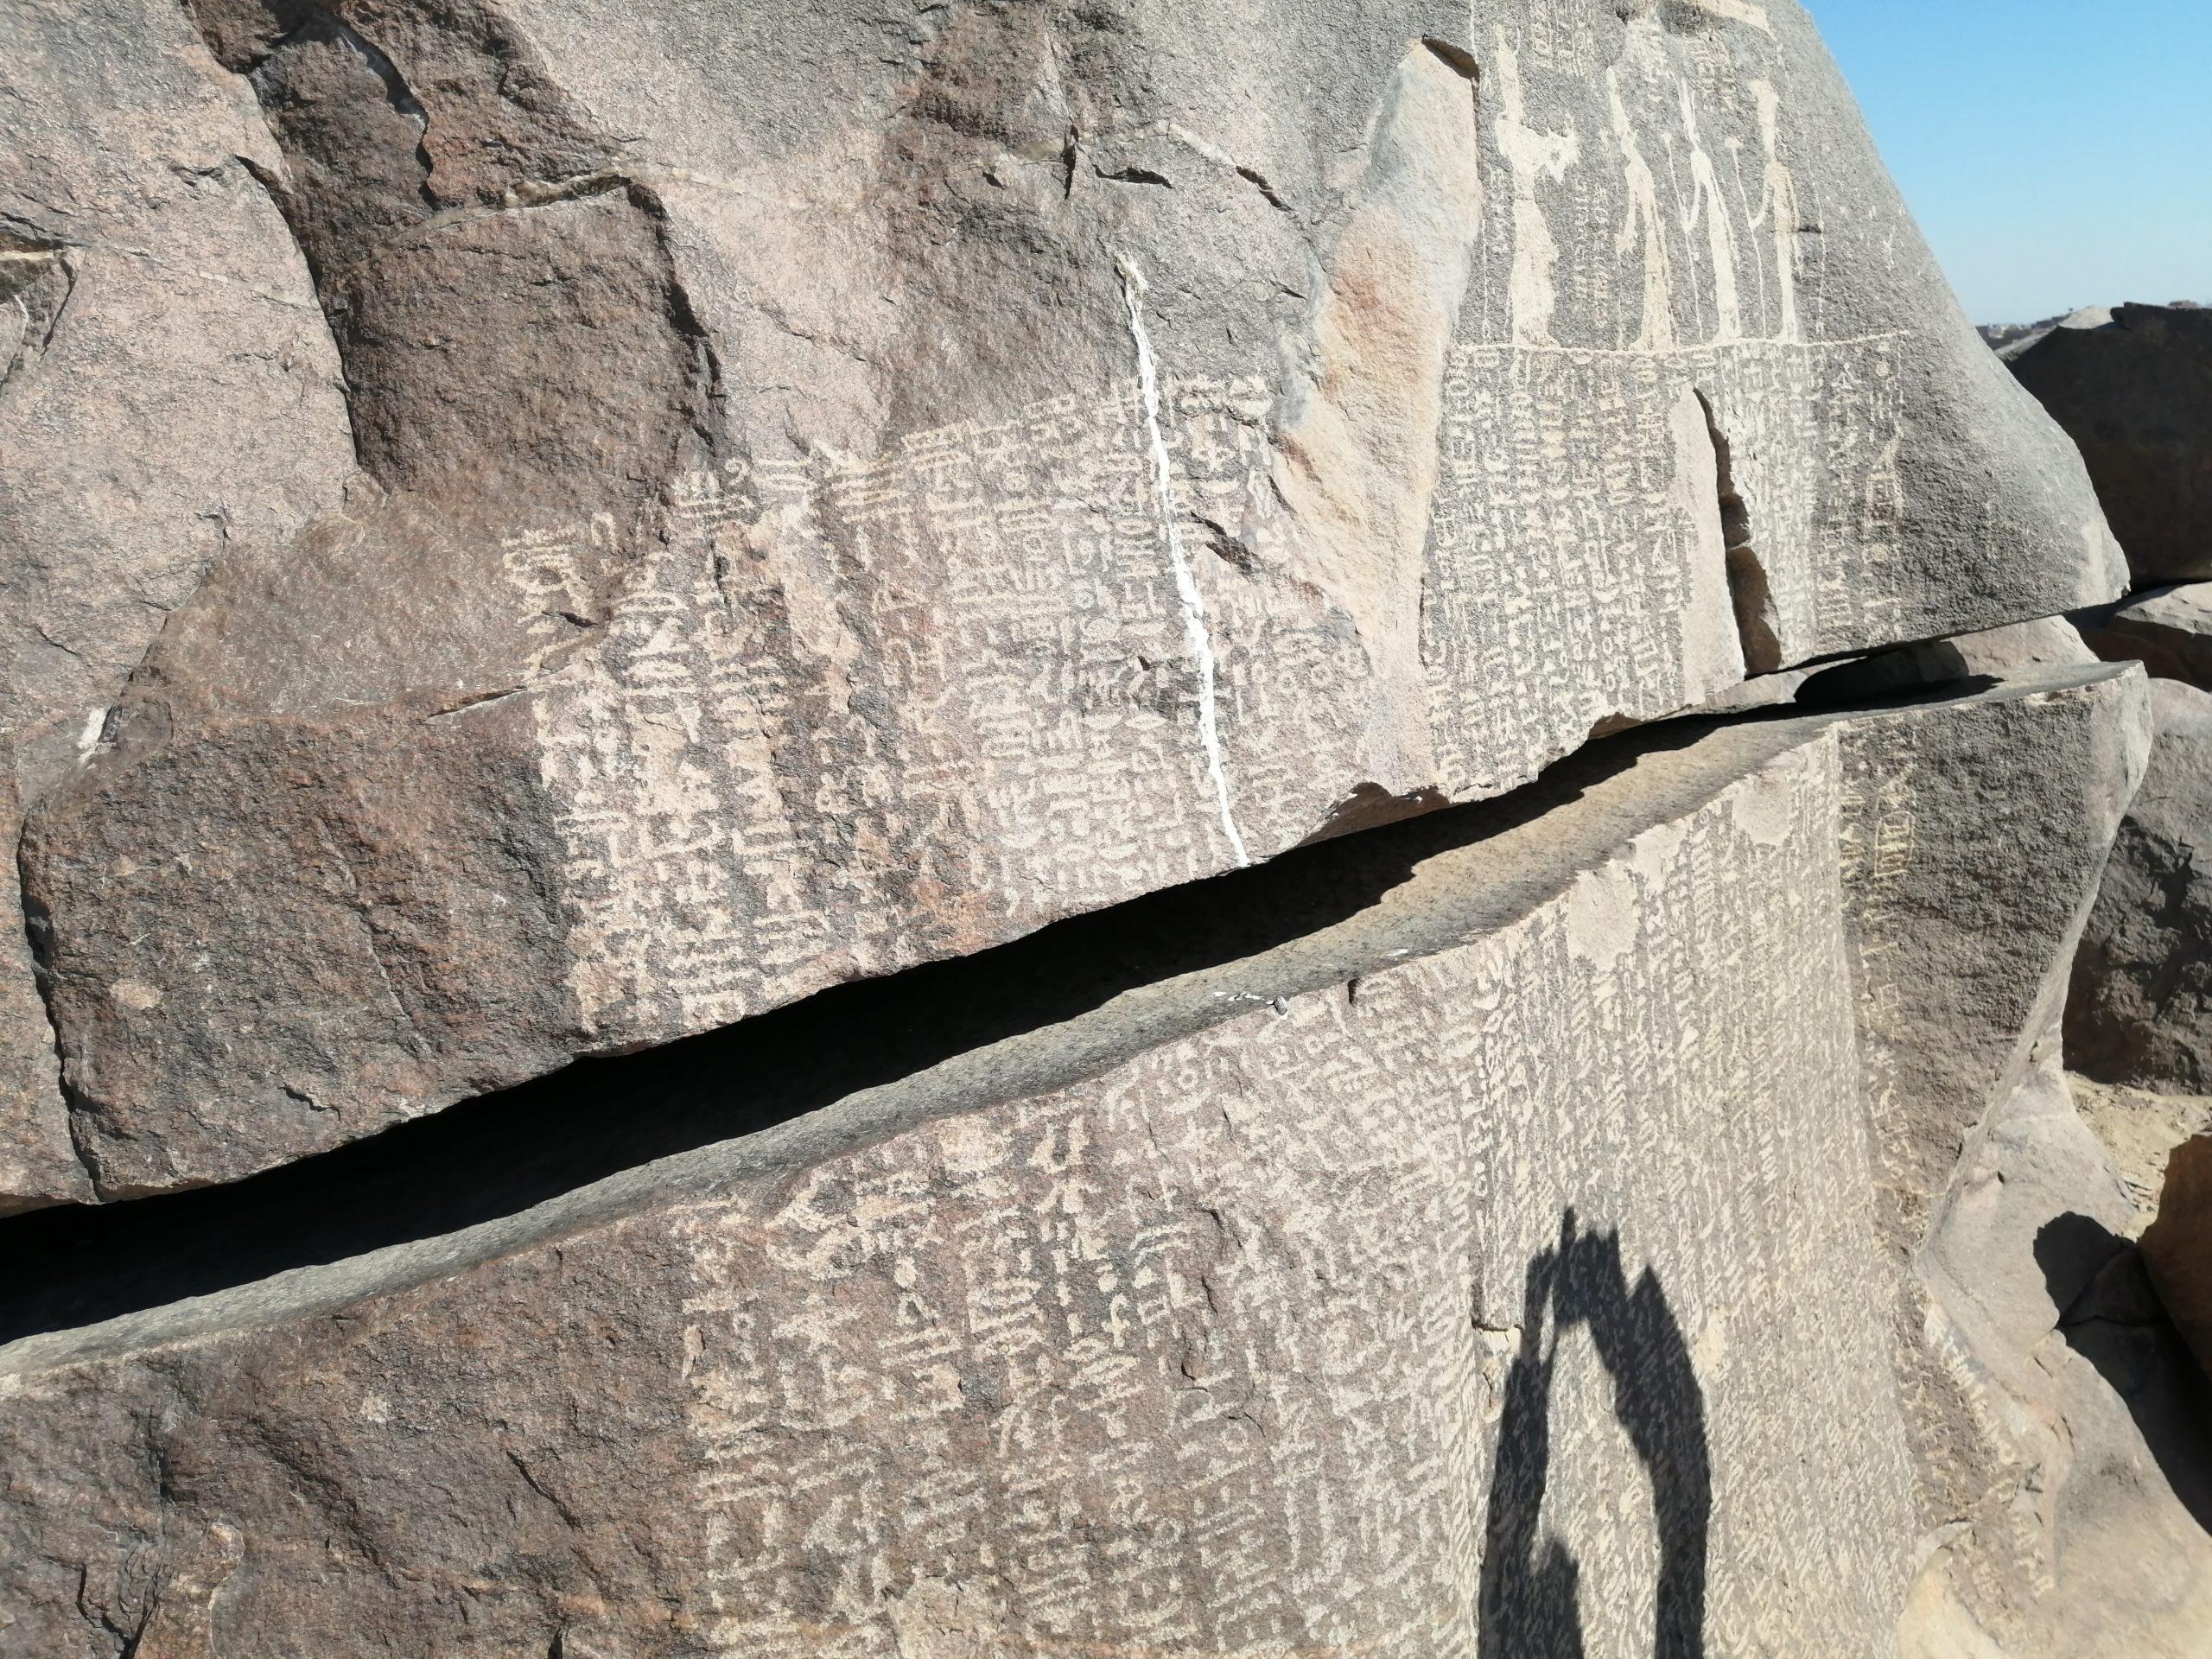 エジプトのアスワンのセヘル島の飢餓碑文